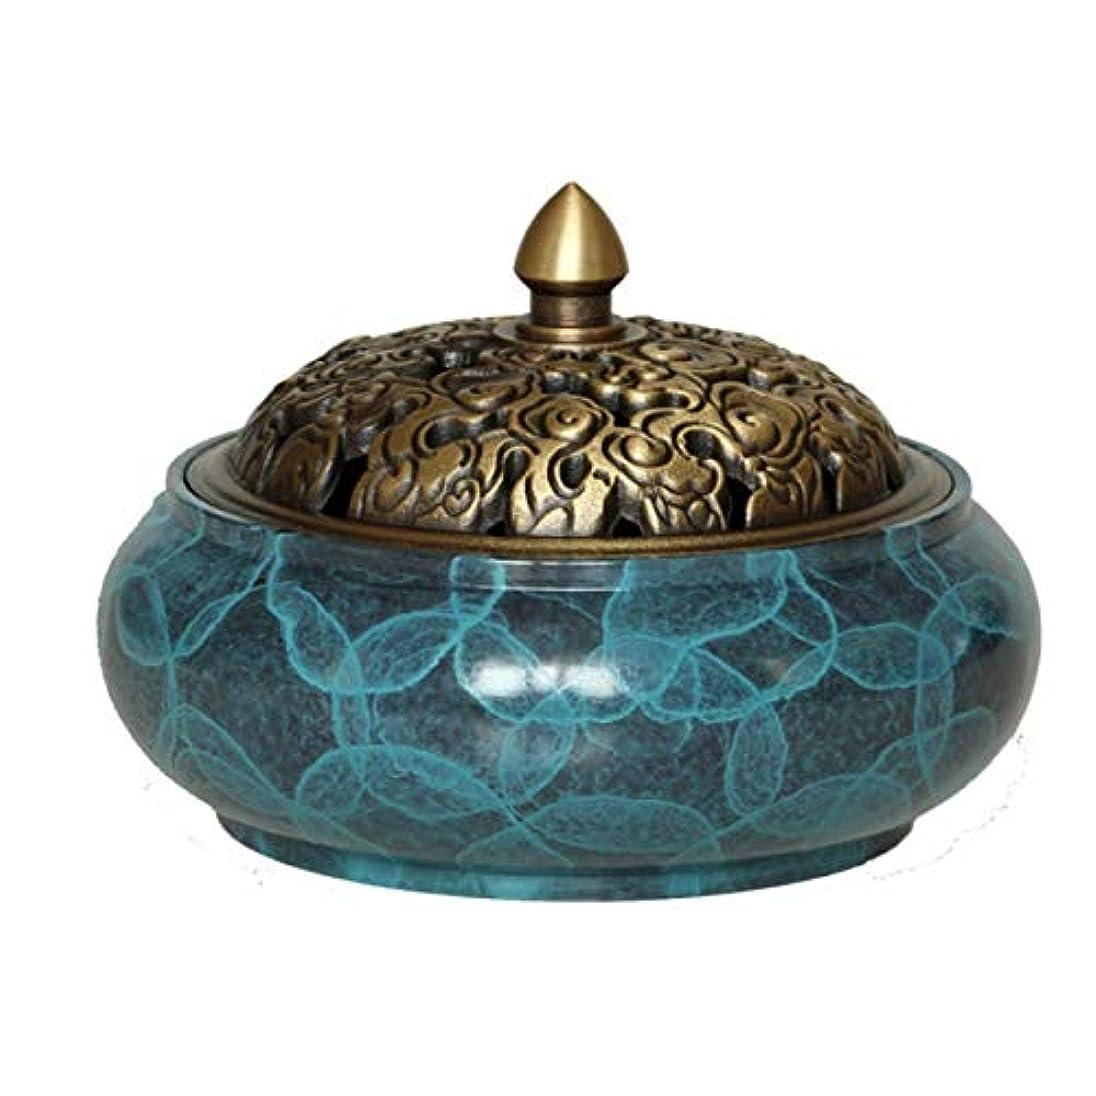 かみそりする必要がある類人猿銅線香ホルダーバーナー銅製の灰キャッチャートレイボウル、家、オフィス、茶屋、瞑想、ヨガなどのための真鍮線香ホルダー